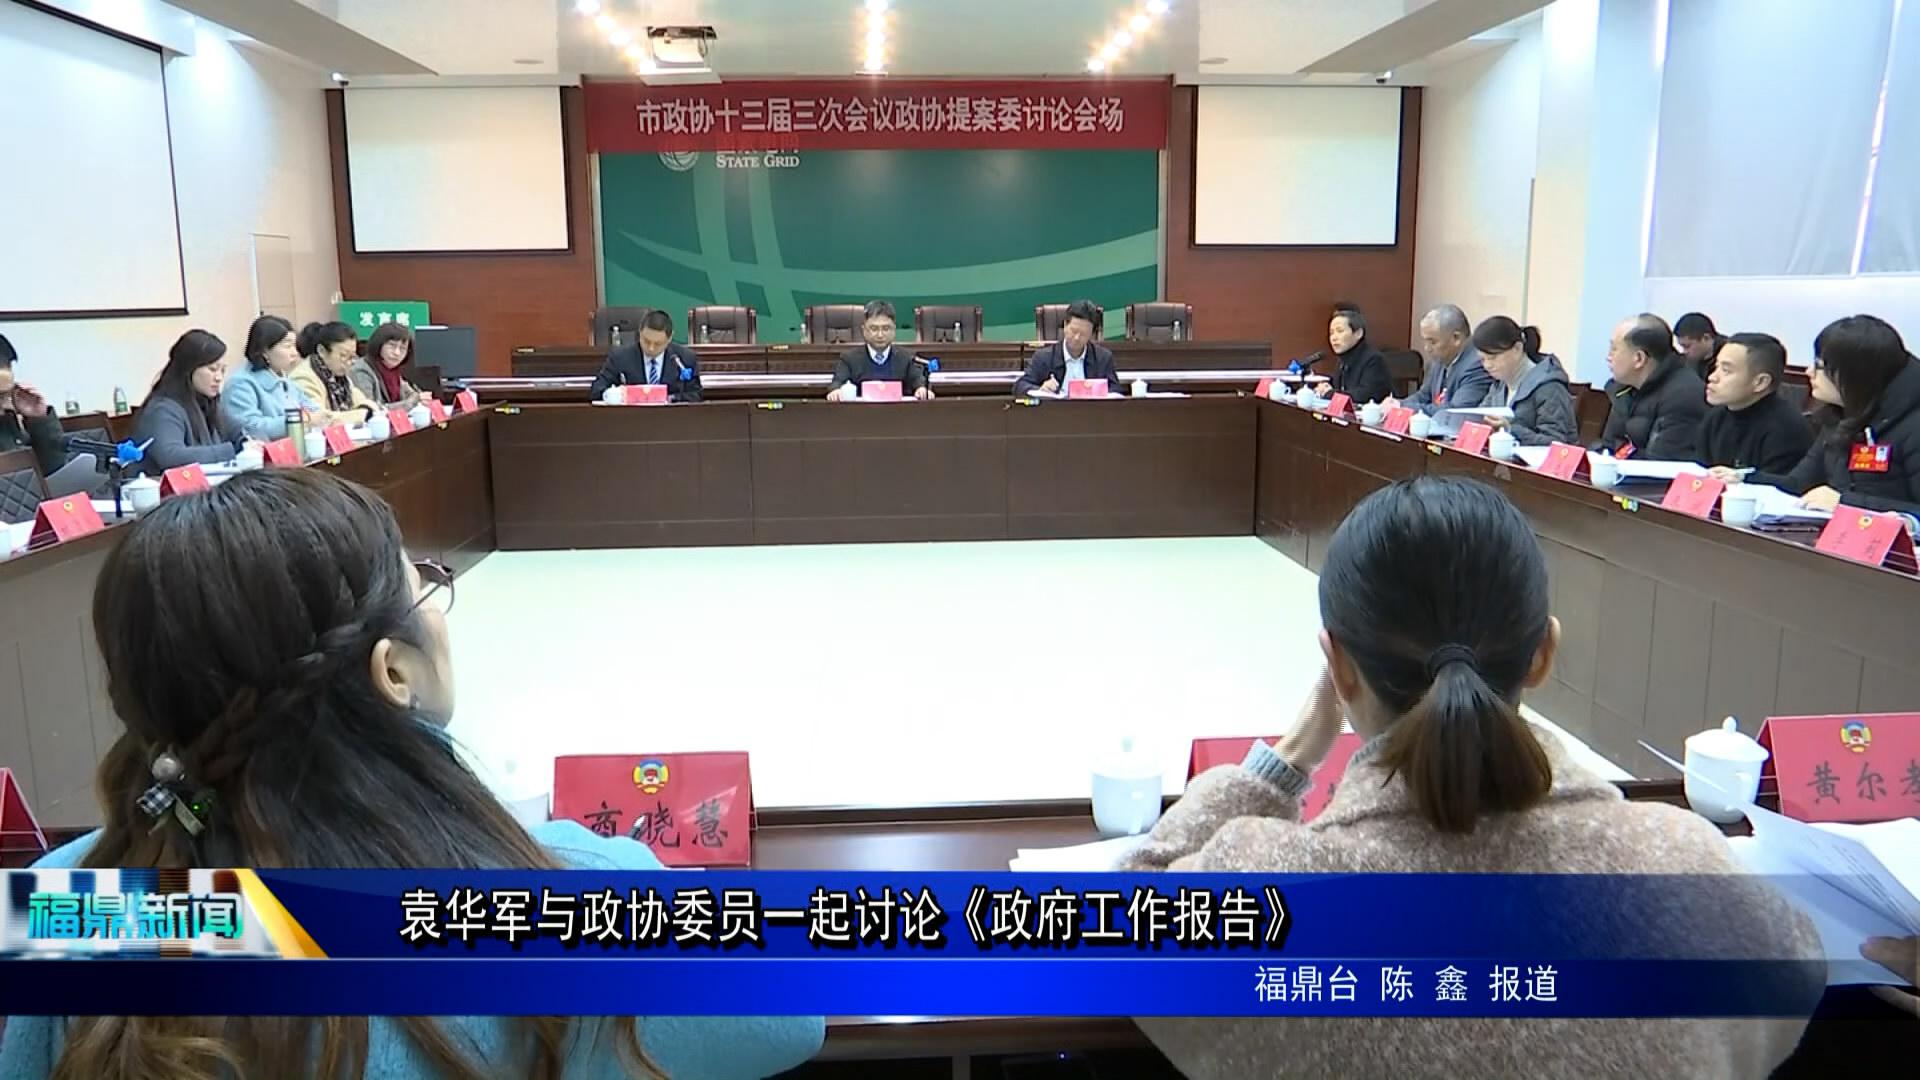 袁华军与政协委员一同讨论《当局事情陈诉》